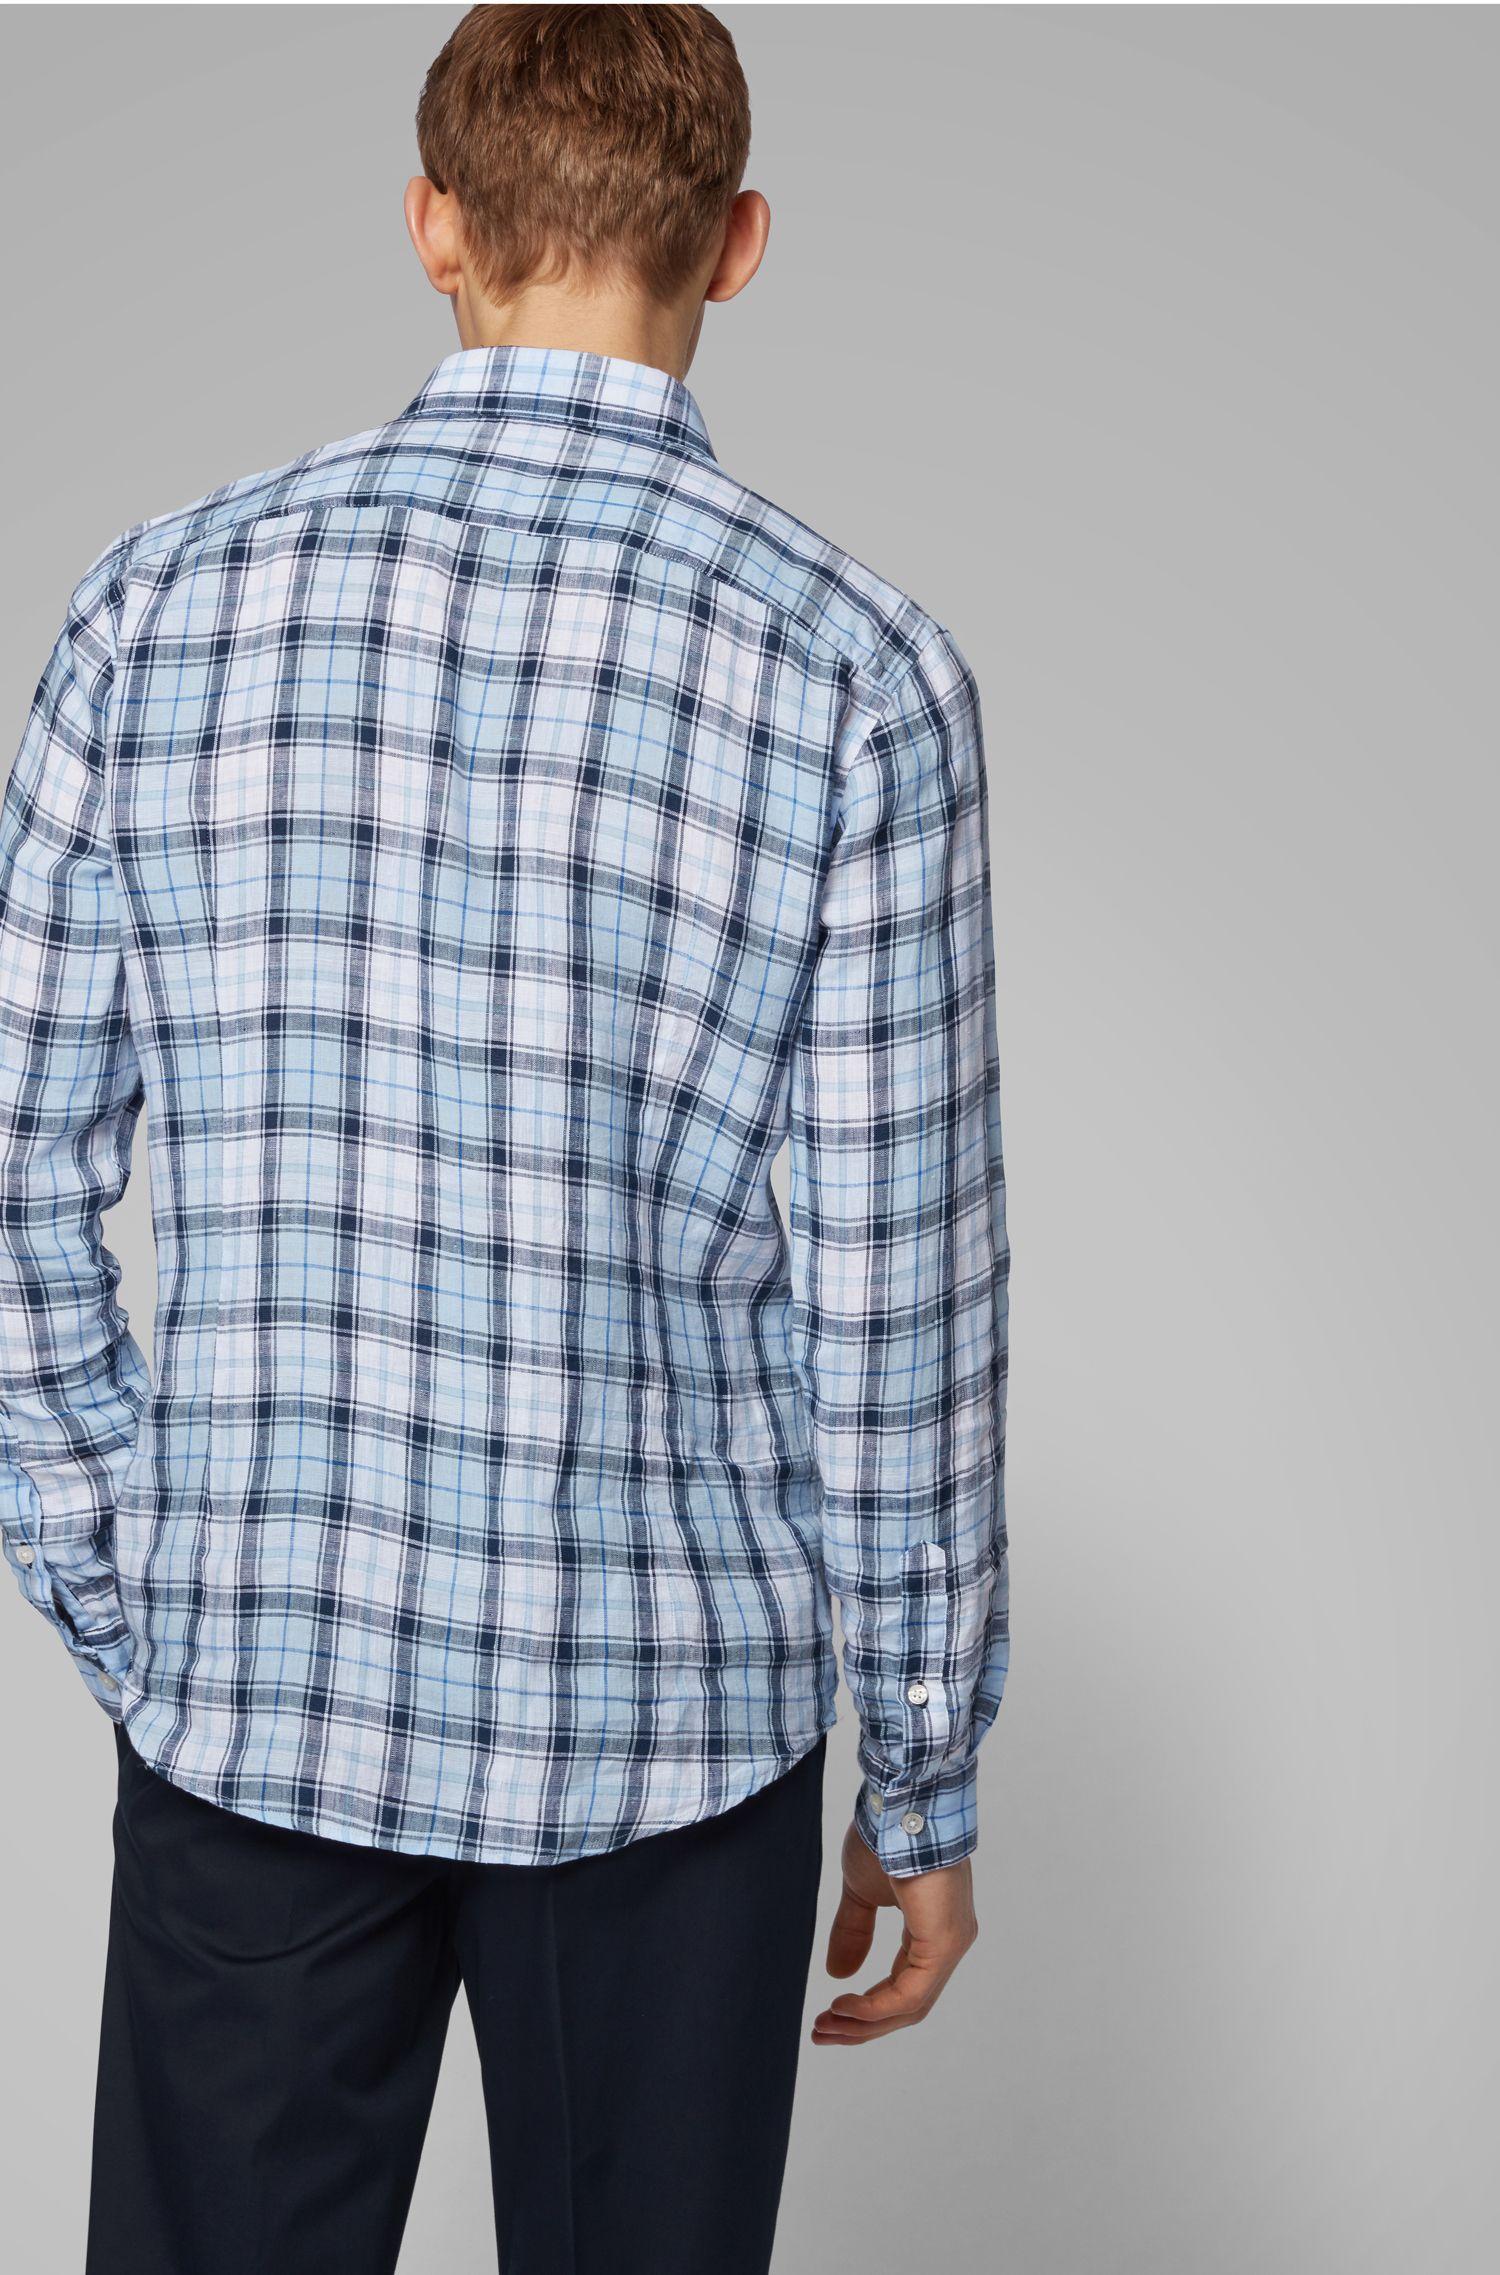 Chemise Slim Fit en lin à motif carreaux exclusif, Bleu vif